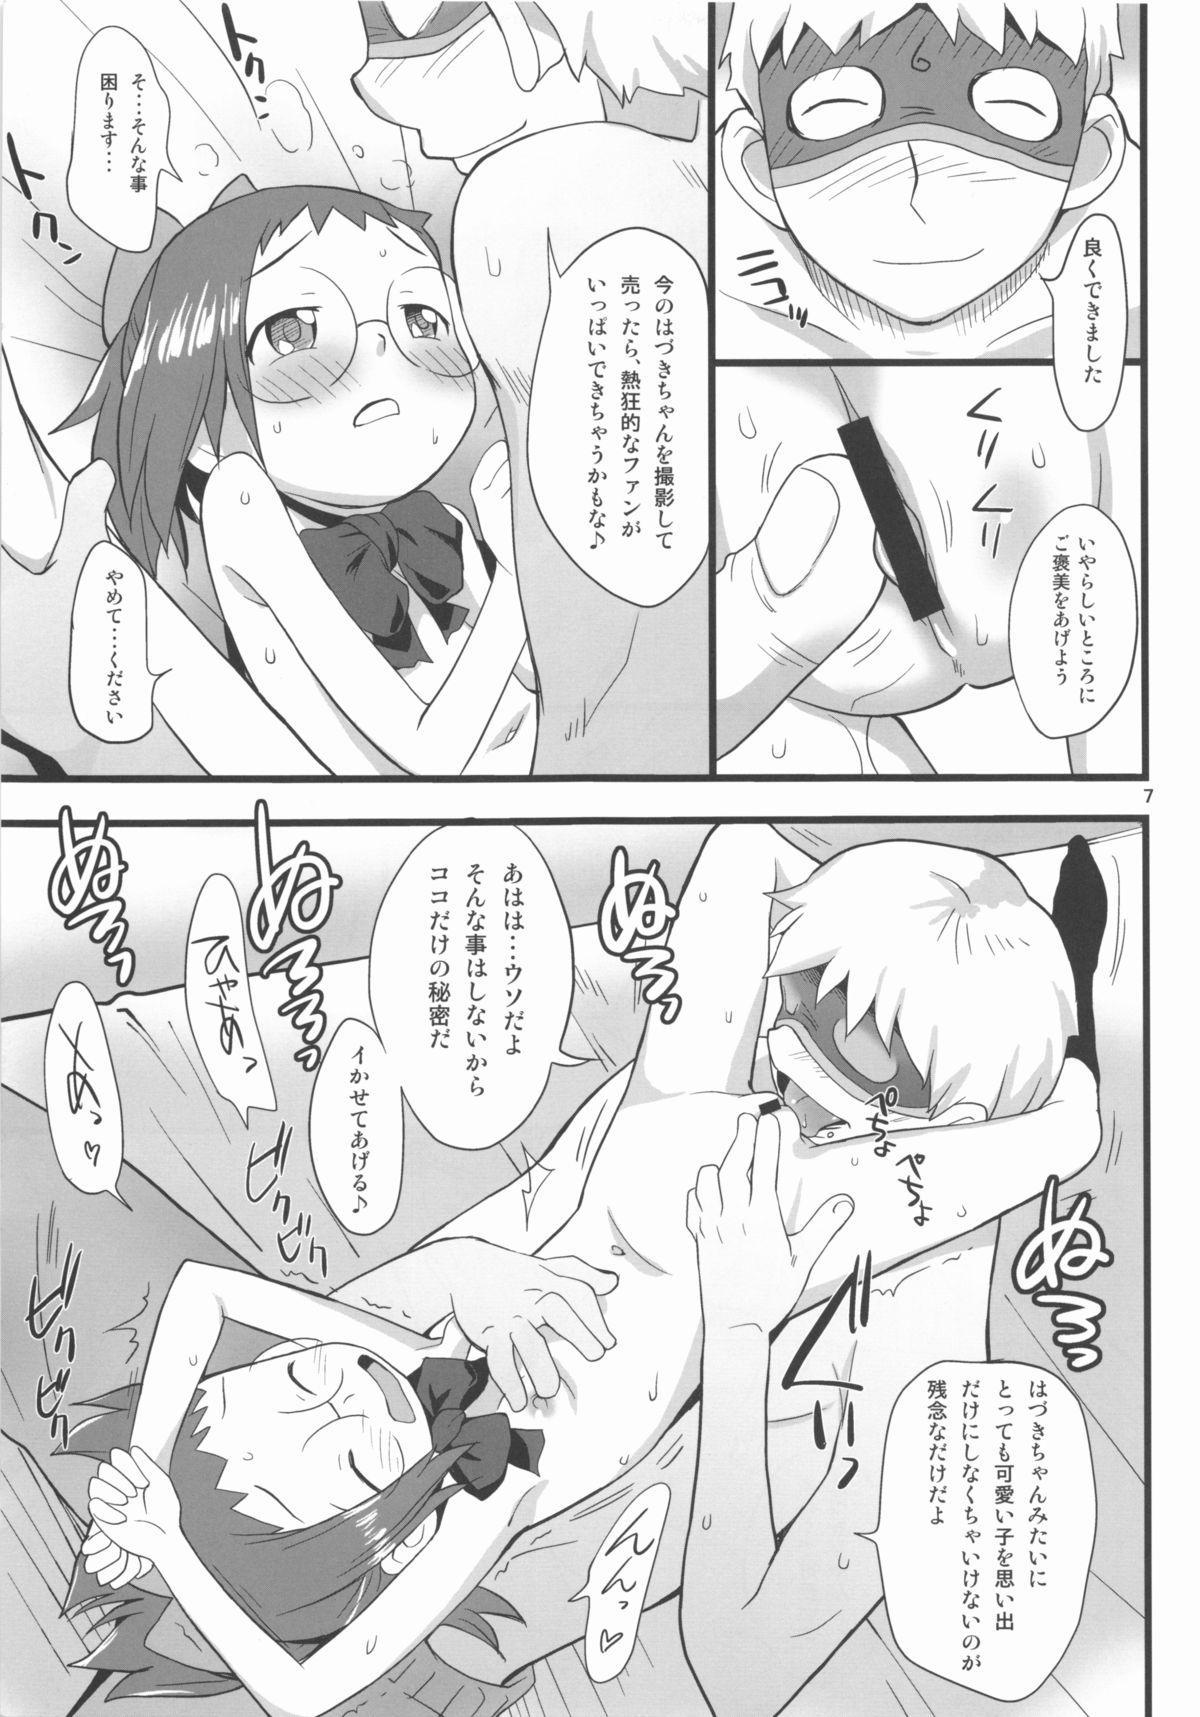 Watashi no Jikan Yuugure 6